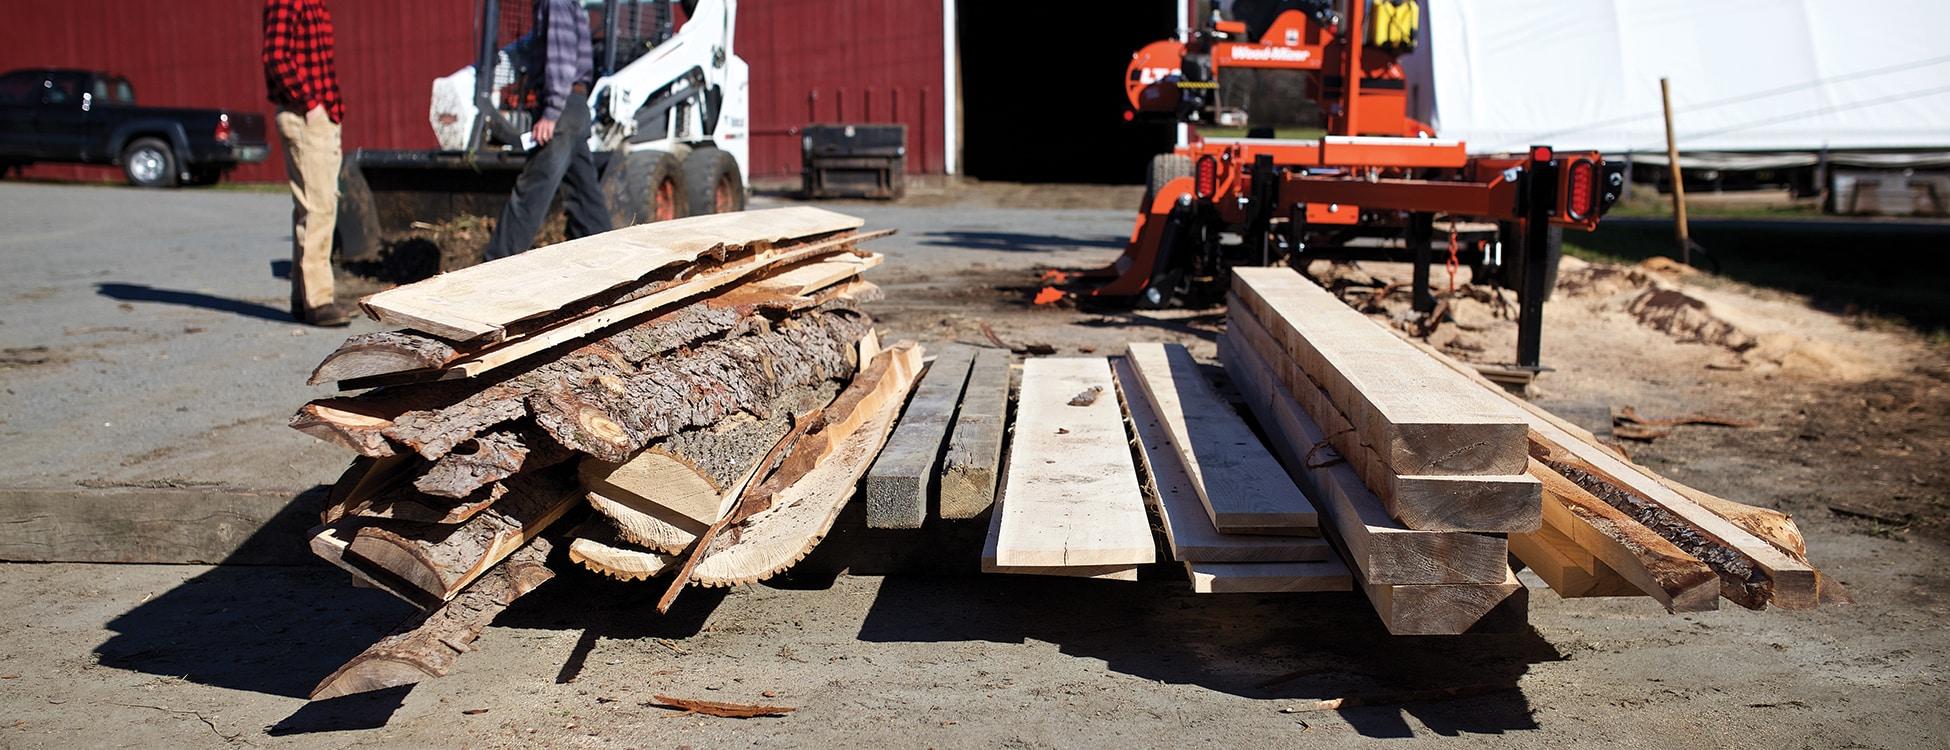 wood cutting, forestry, lab